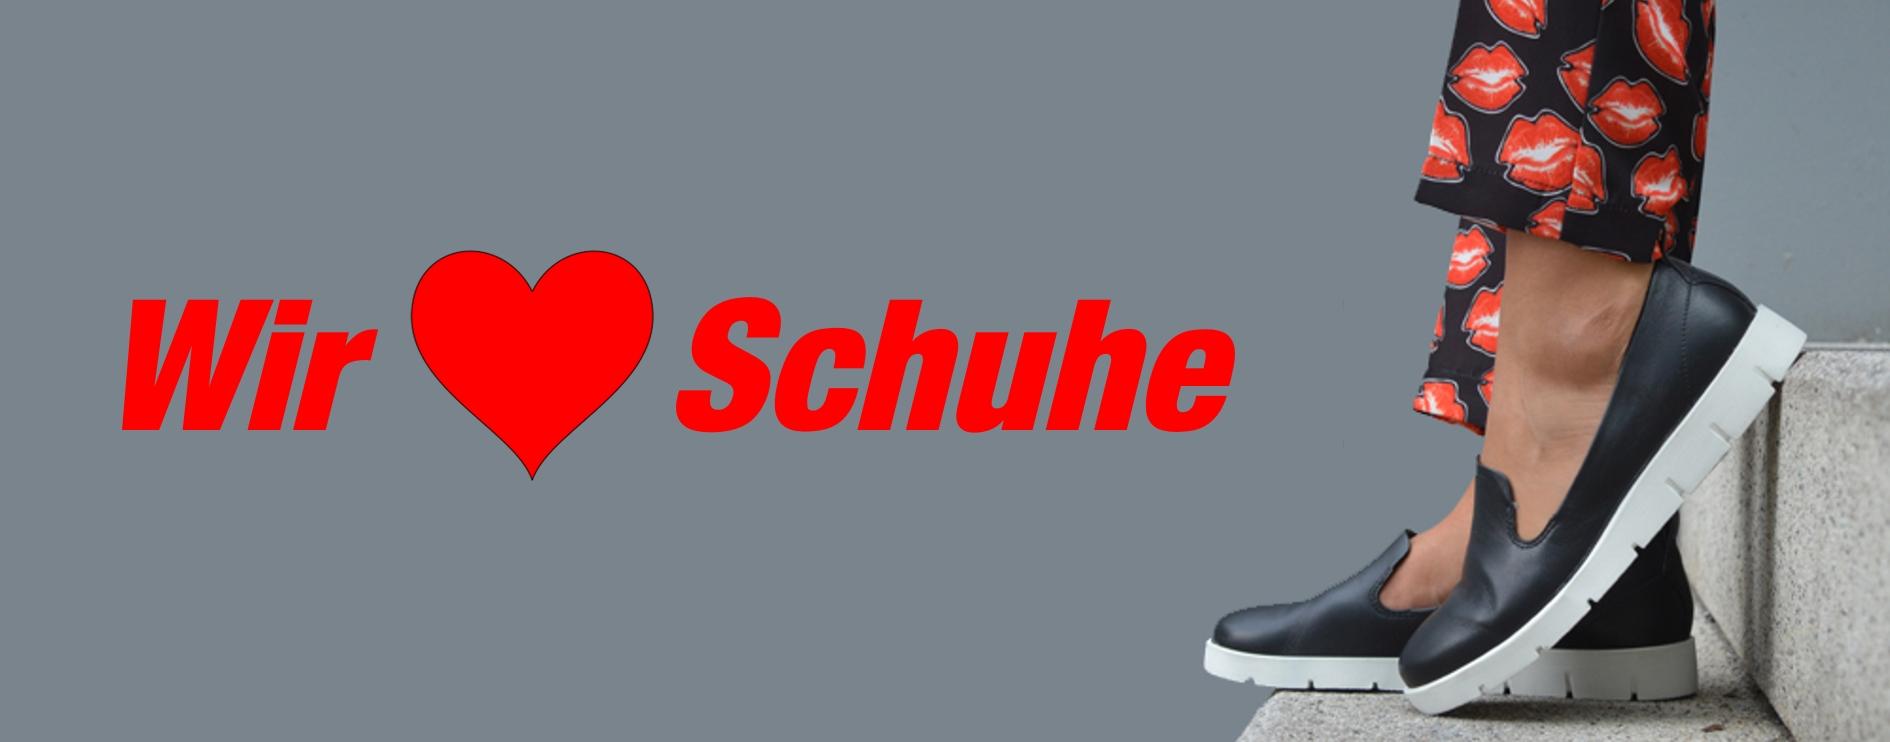 25eaeb259e6bc6 Geyer Schuhe - Markenschuhe günstiger kaufen